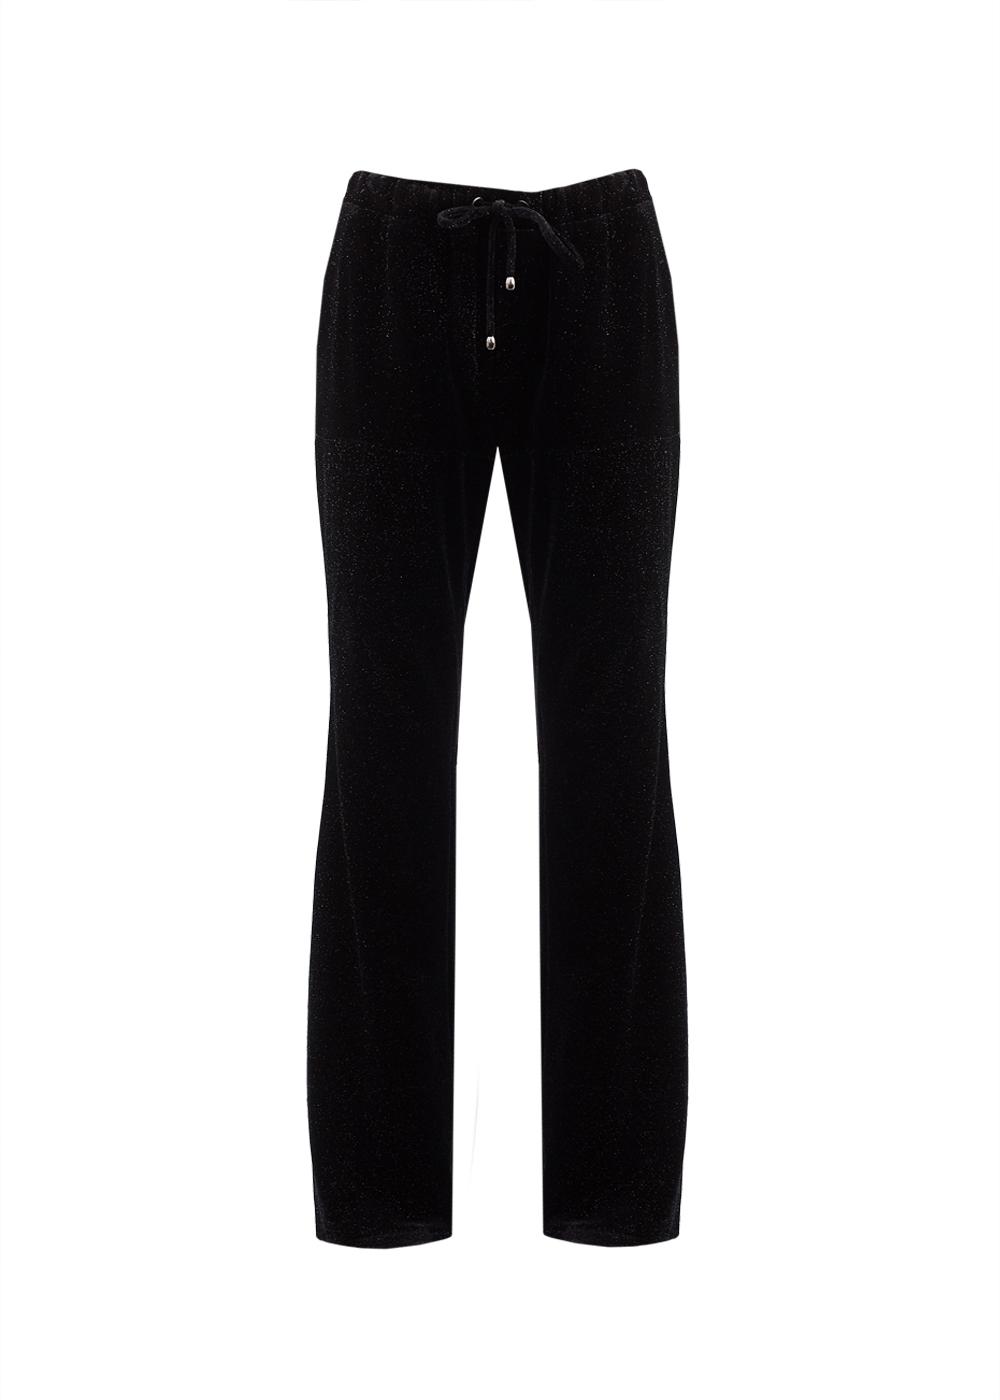 Купить Viva Vox брюки